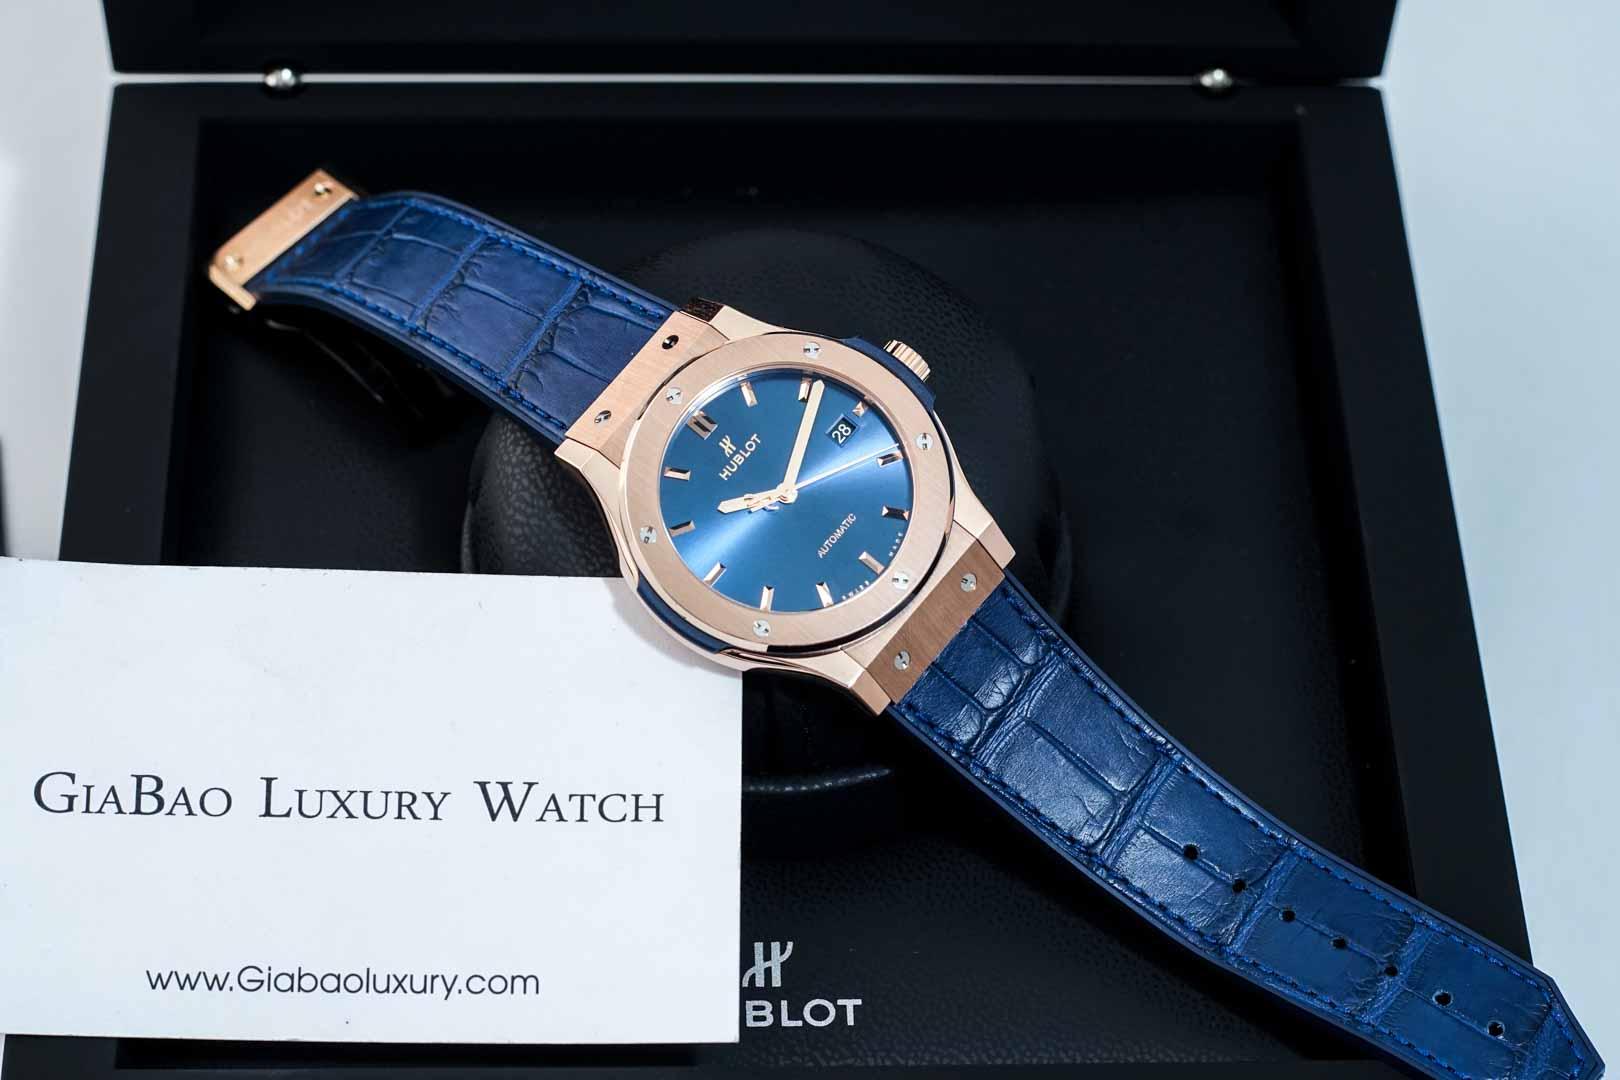 Đồng hồ Hublot cao cấp chính hãng hiện nay được rất nhiều người săn lùng và có giá bán cao